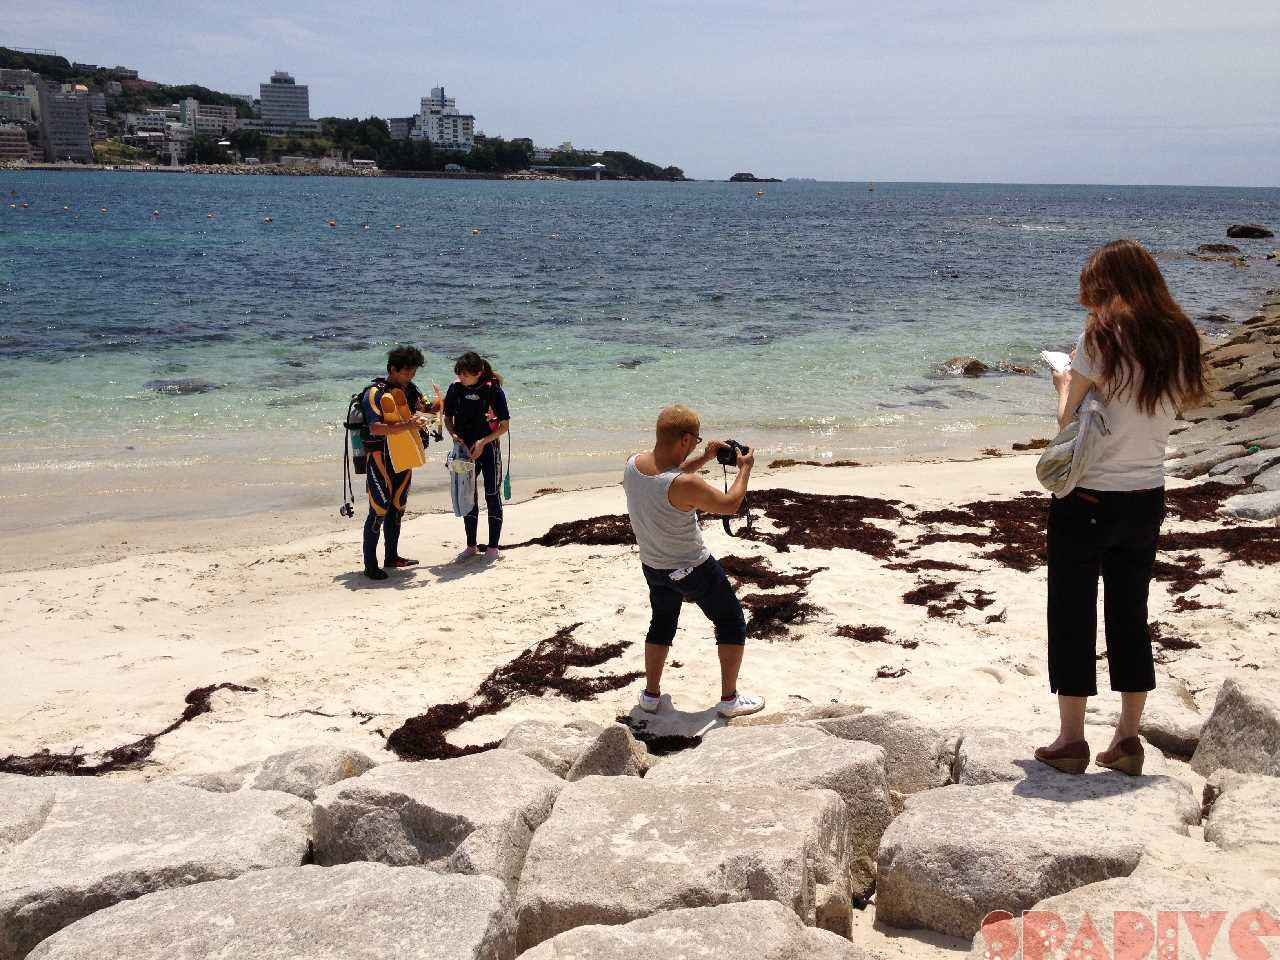 「Lism」誌による体験ダイビングの撮影と取材協力 7/2/2013